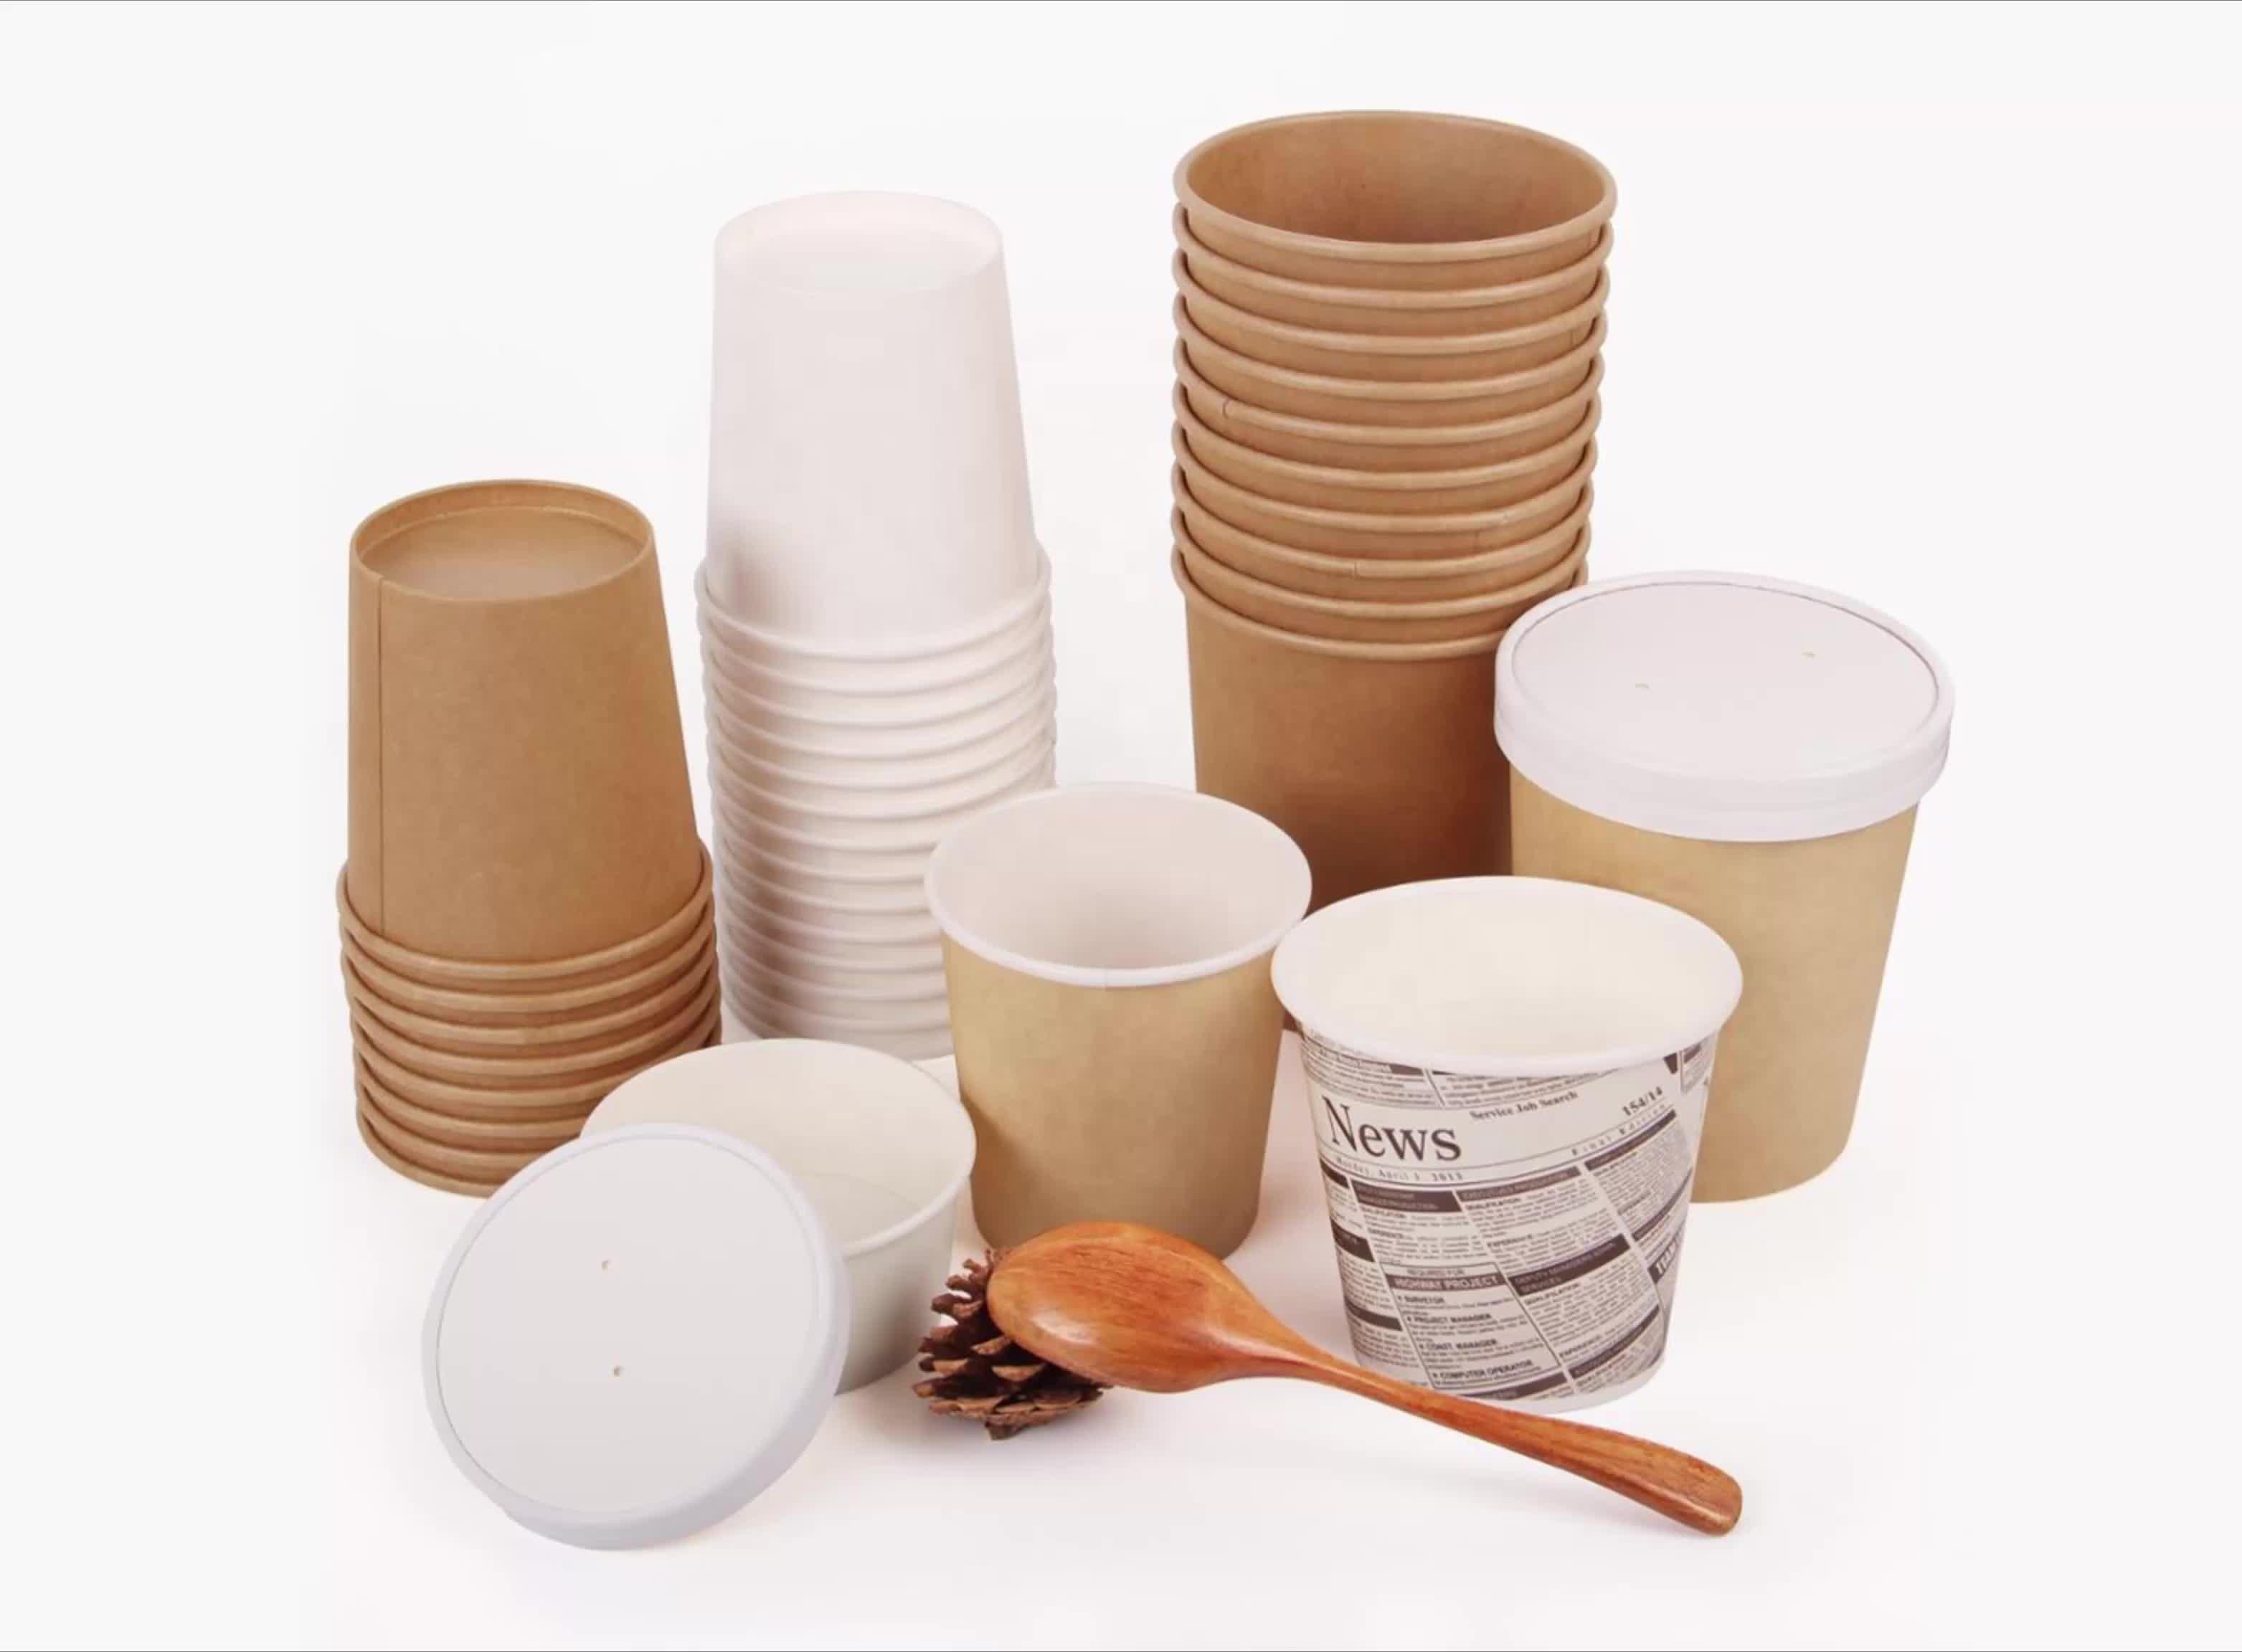 Wegwerp papier soep cup met custom printing, wegwerp cups voor soep